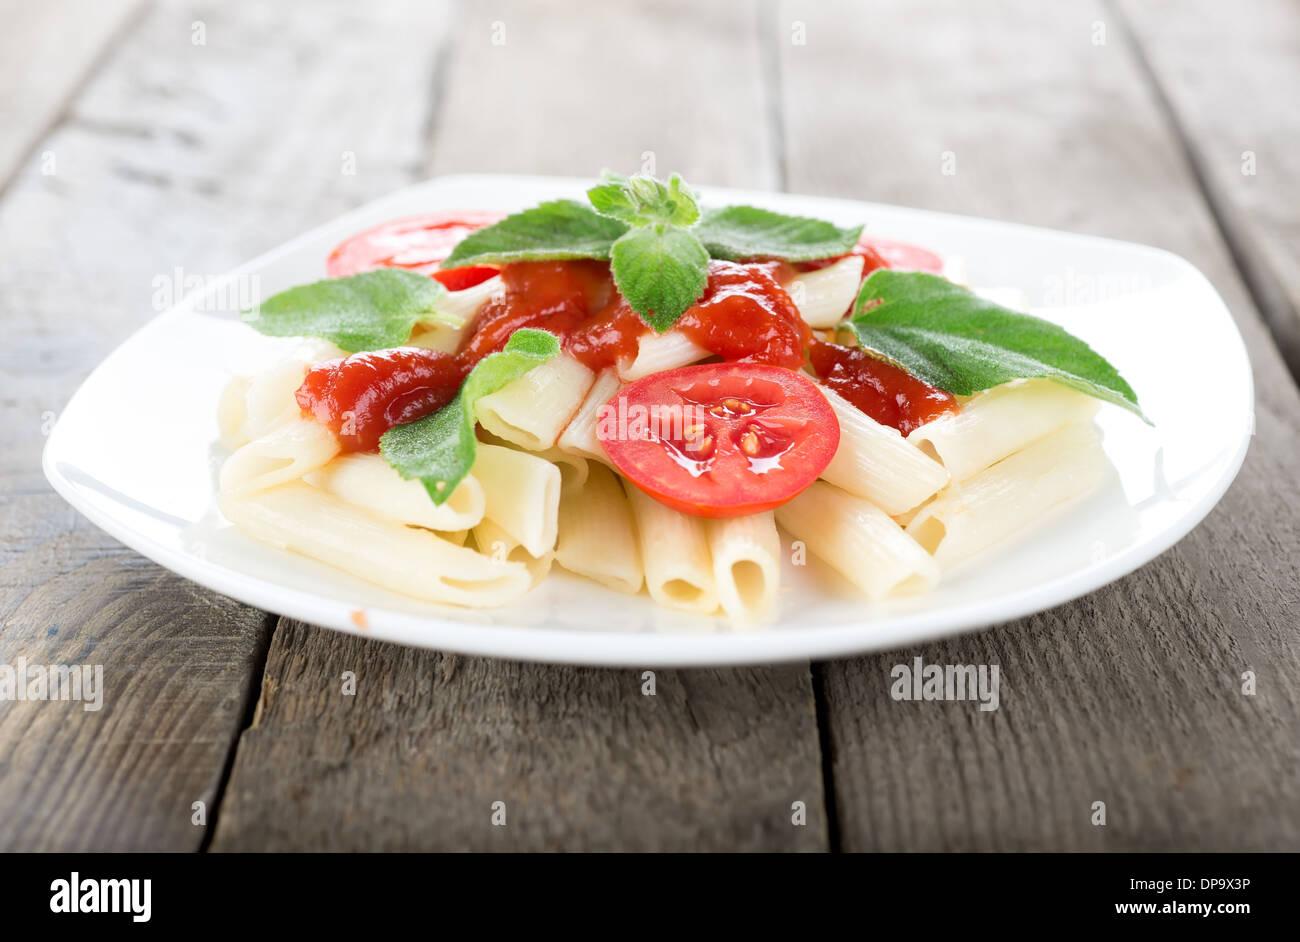 Pasta con le verdure su una tavola di legno Immagini Stock